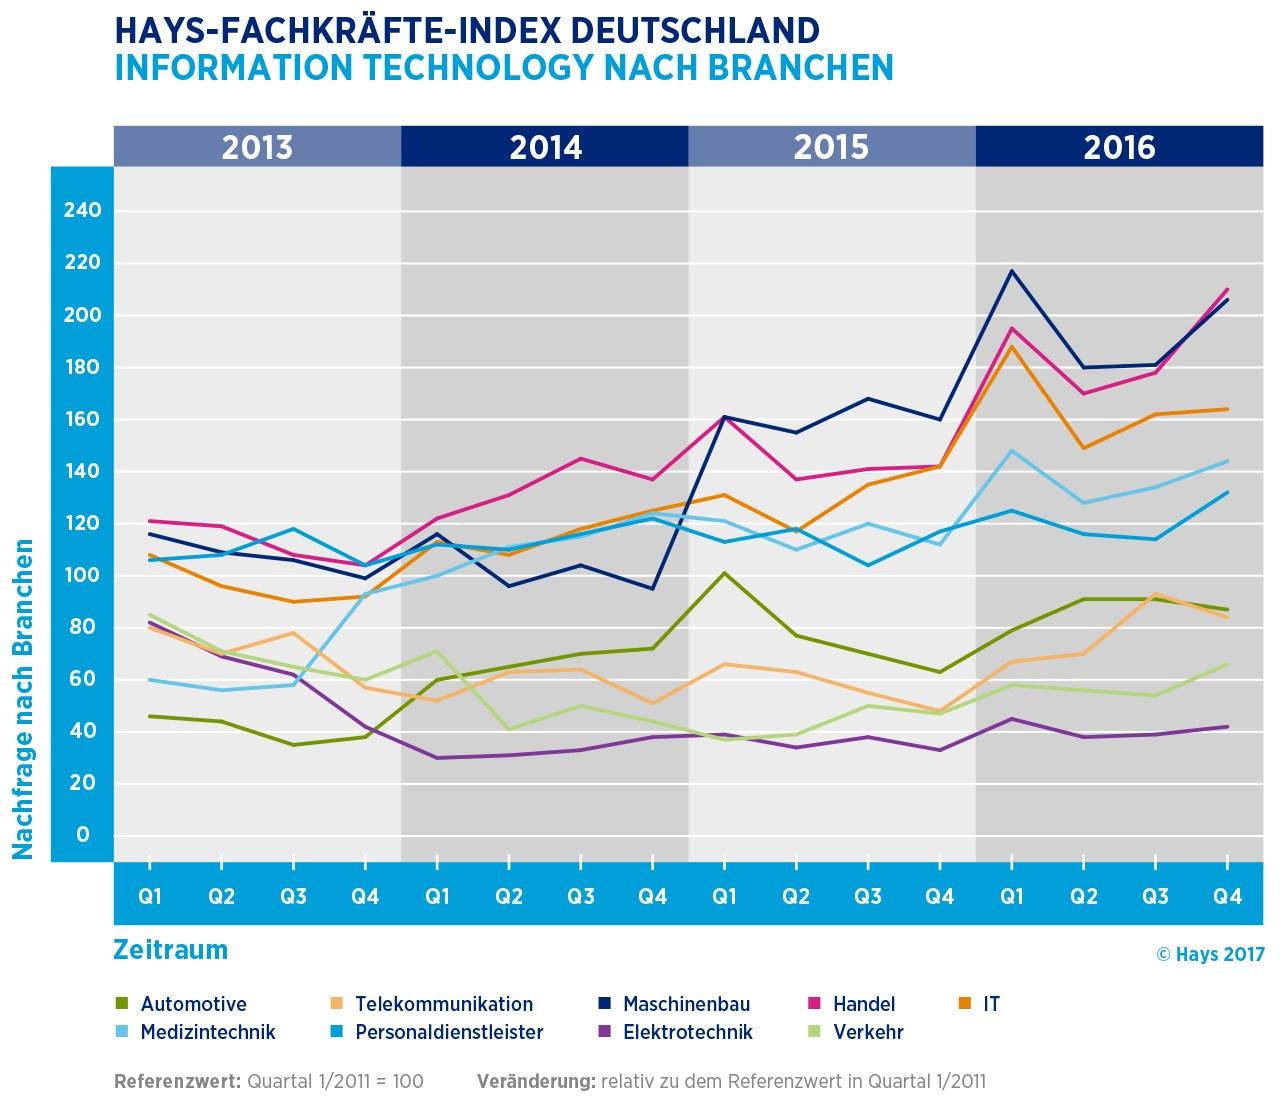 grafik hays fachkräfte-index branchen de 2013 2016